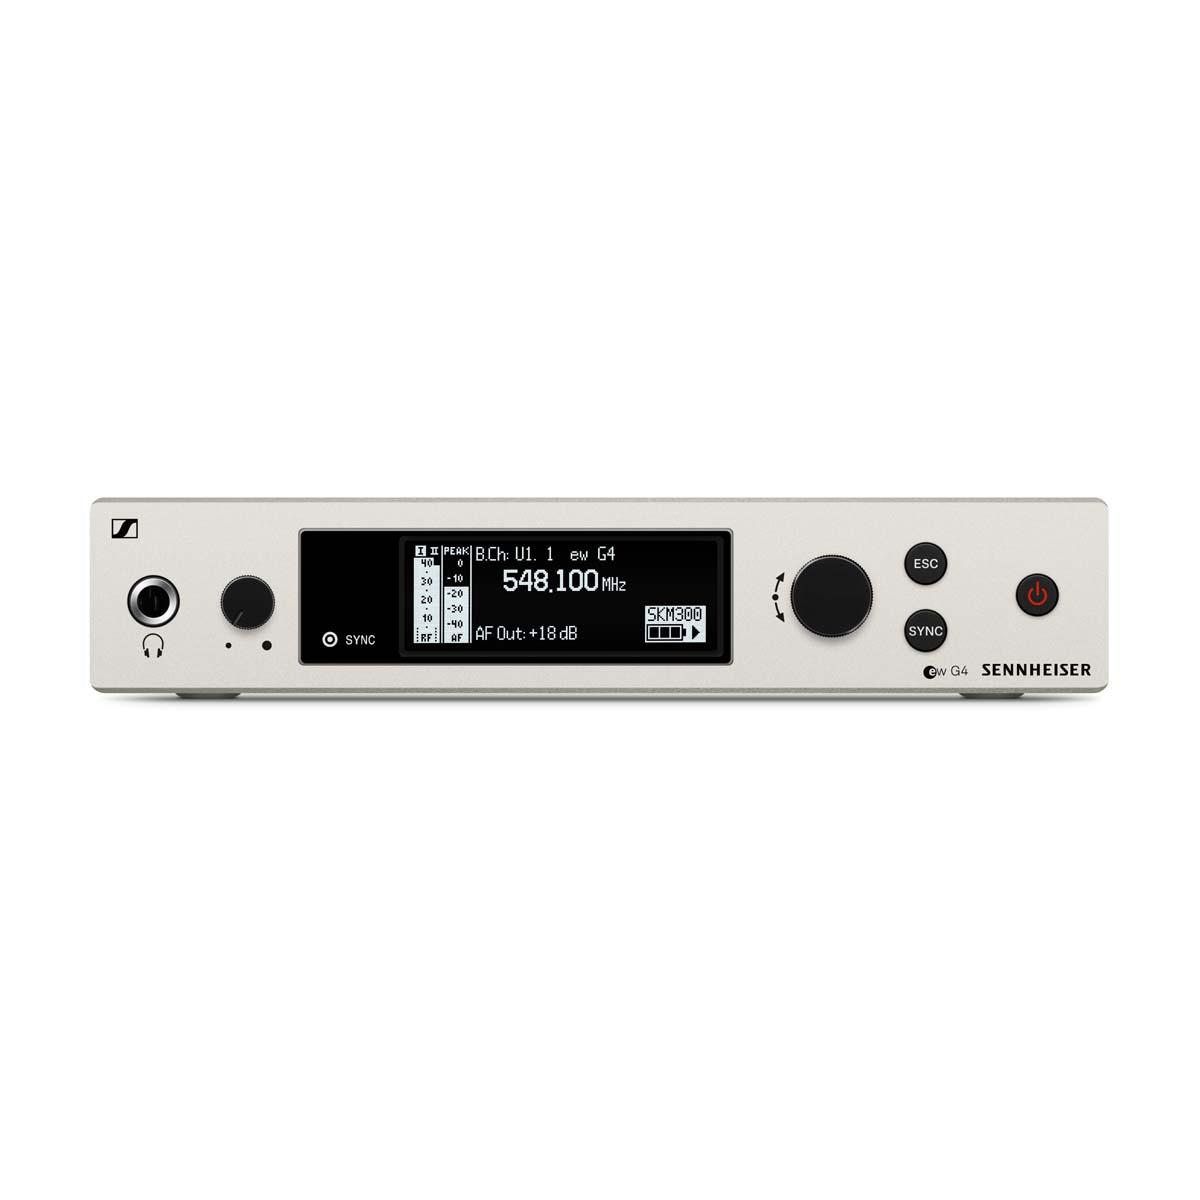 sennheiser em 300 500 g4 range dw rackmount receiver